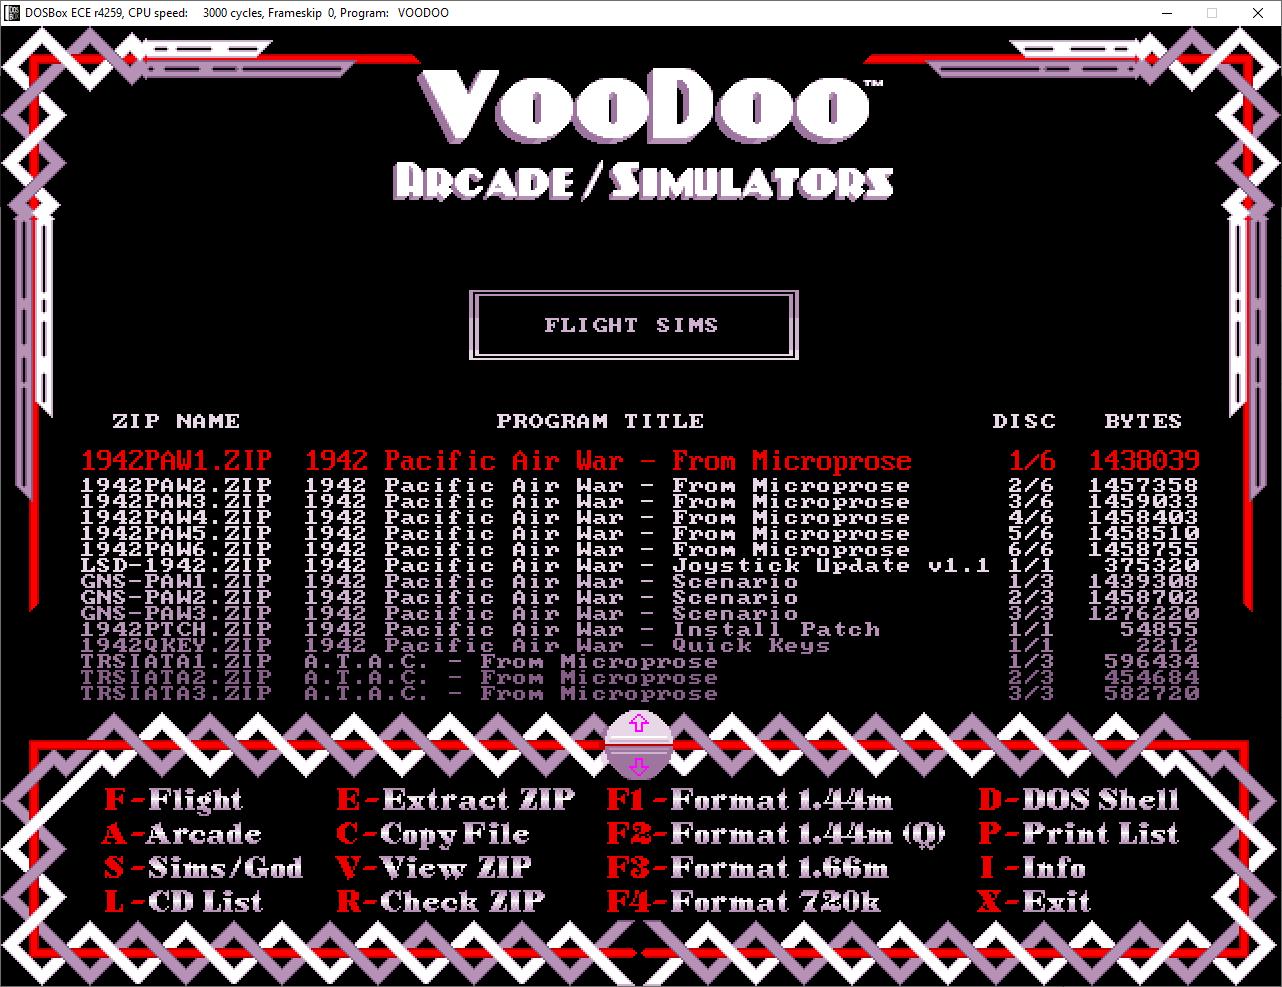 VooDoo SIM